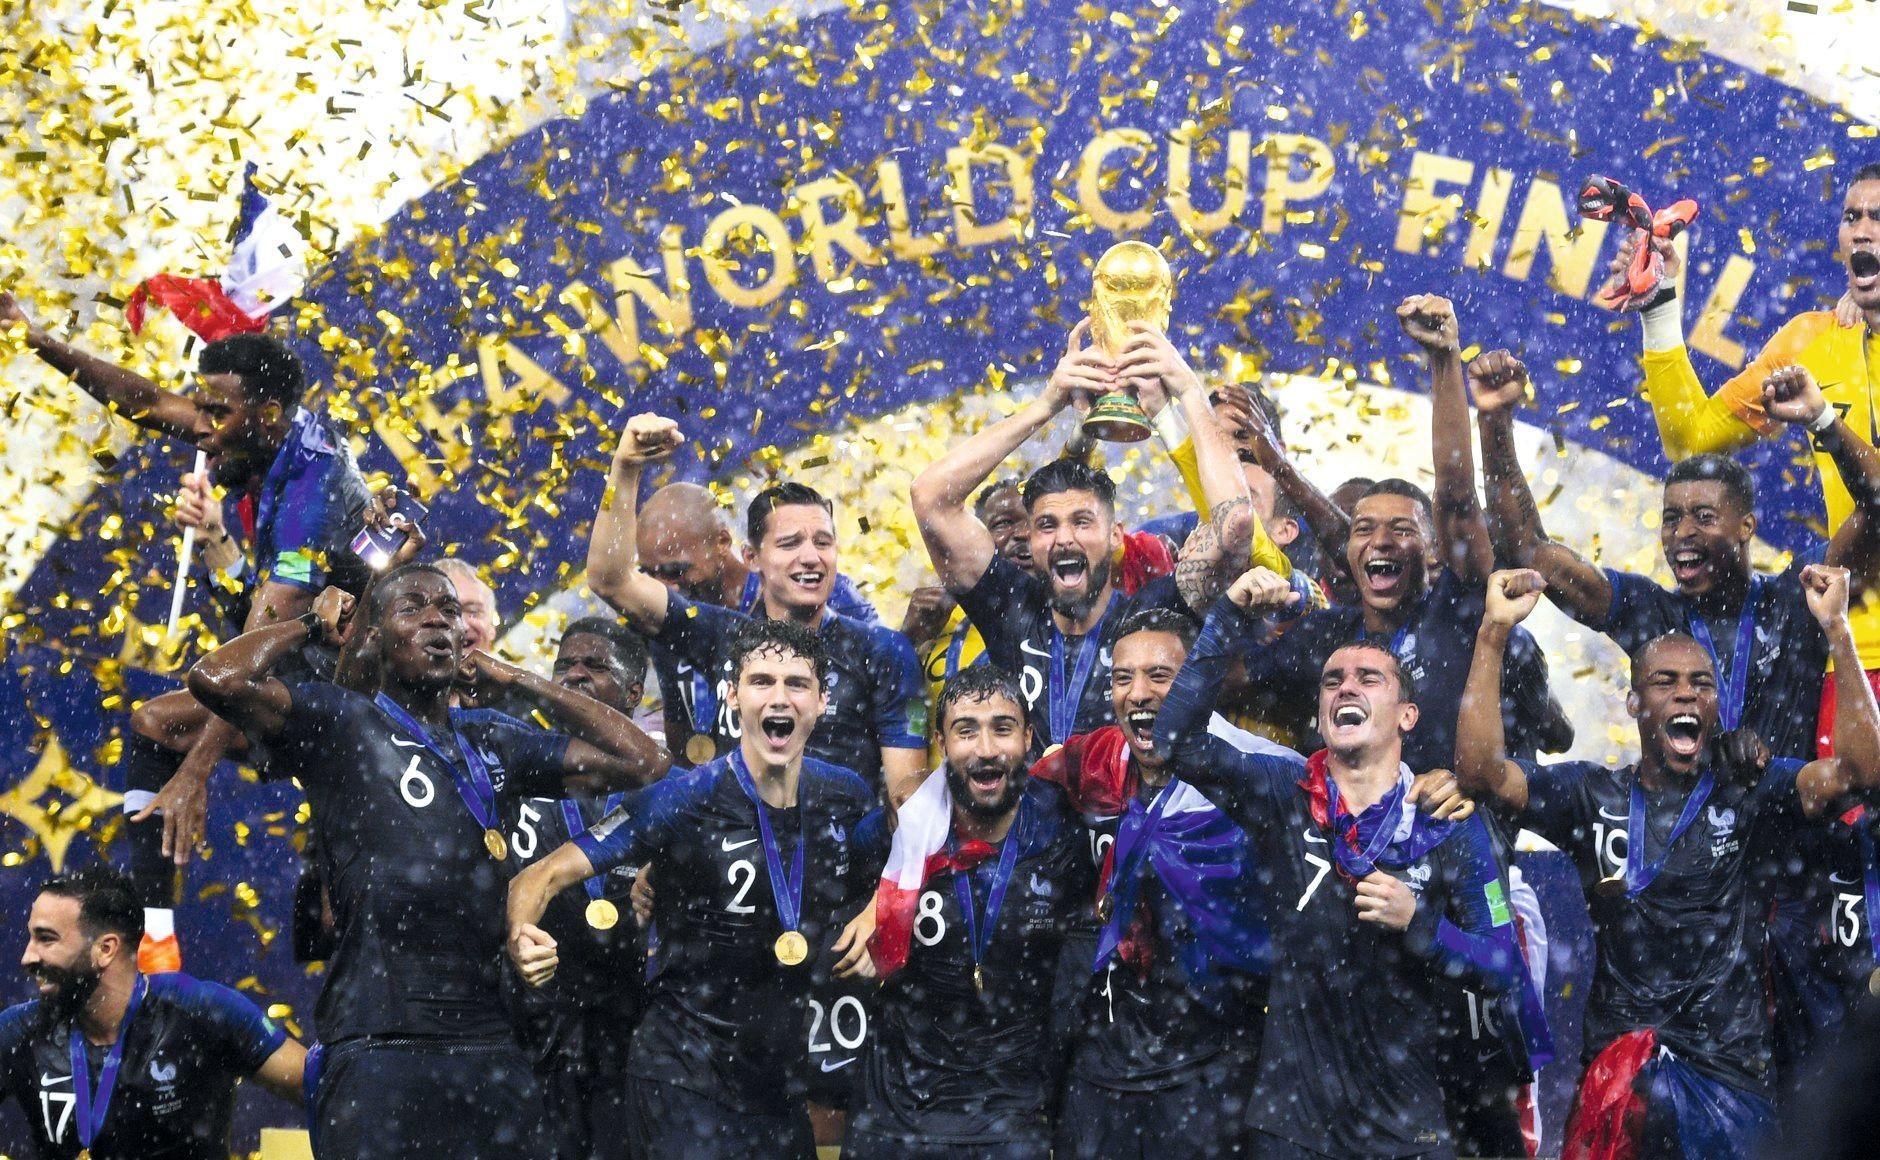 Équipe de France, championne de la coupe du monde de foot 2018